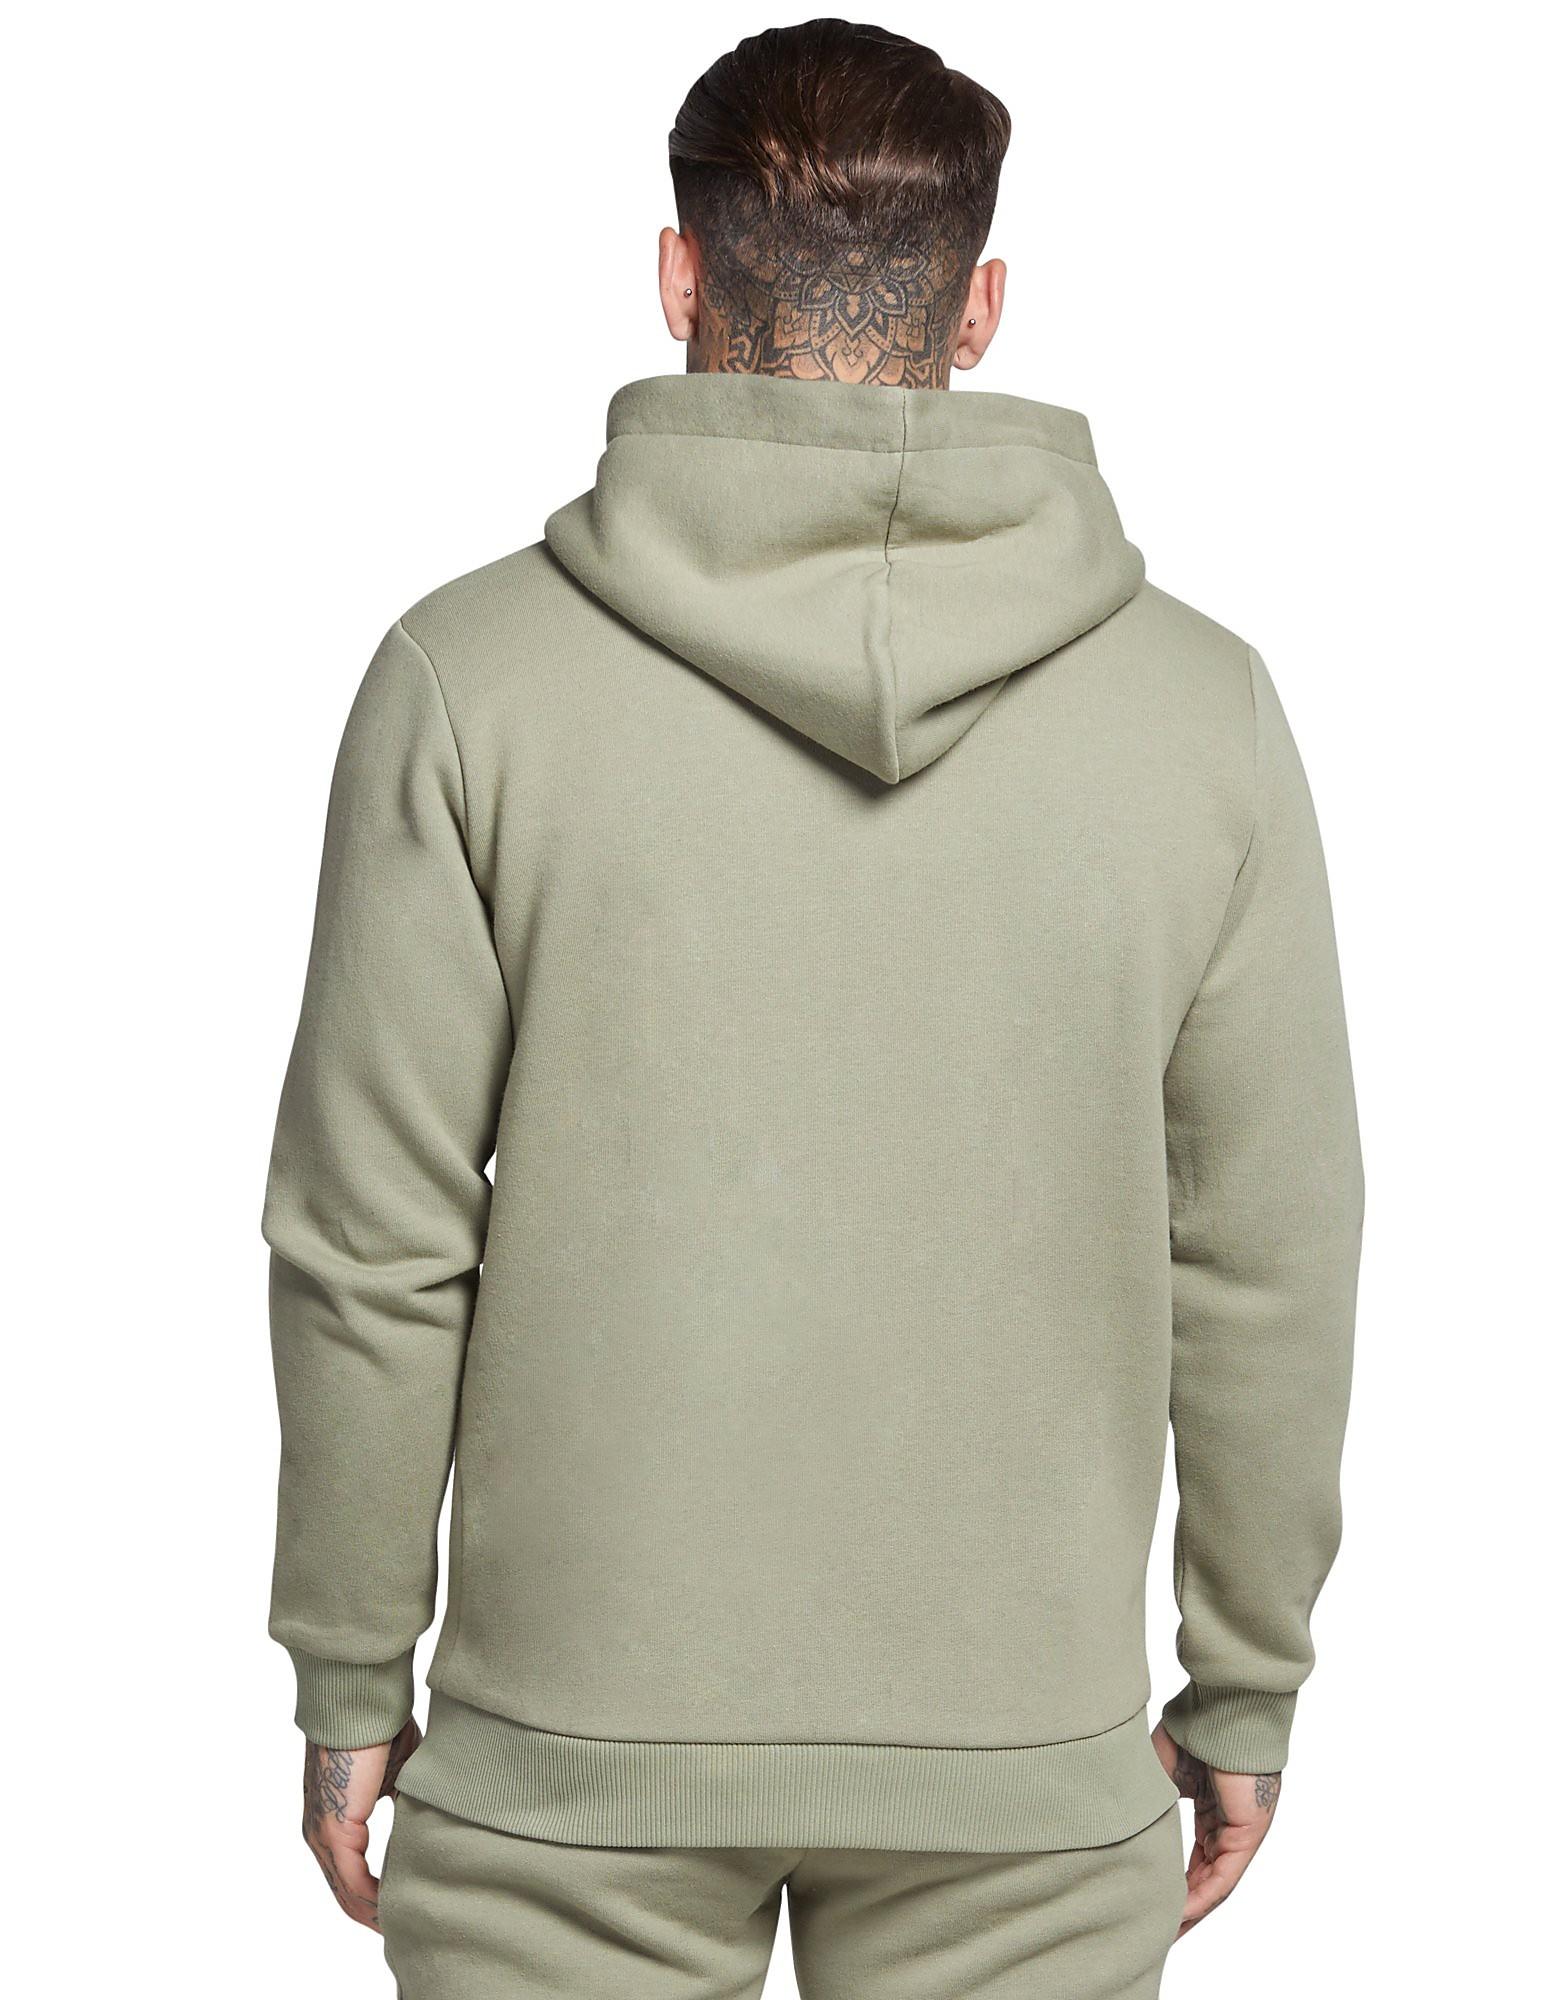 SikSilk Zip Through Core Fleece Hoody